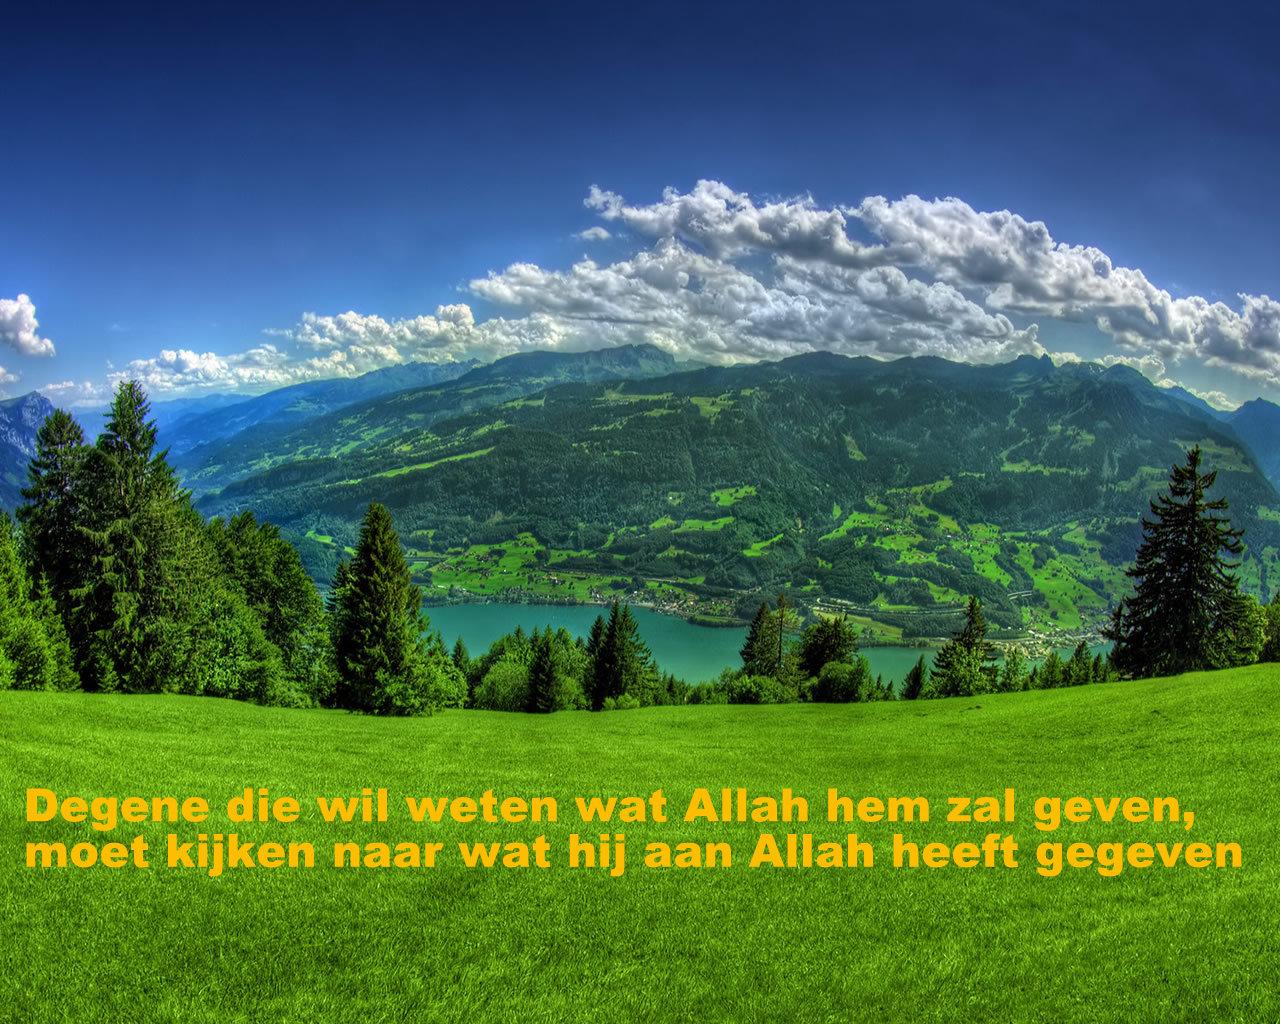 Citaten Uit De Talmoed : Citaten en wijze woorden uit de islam degene die wil